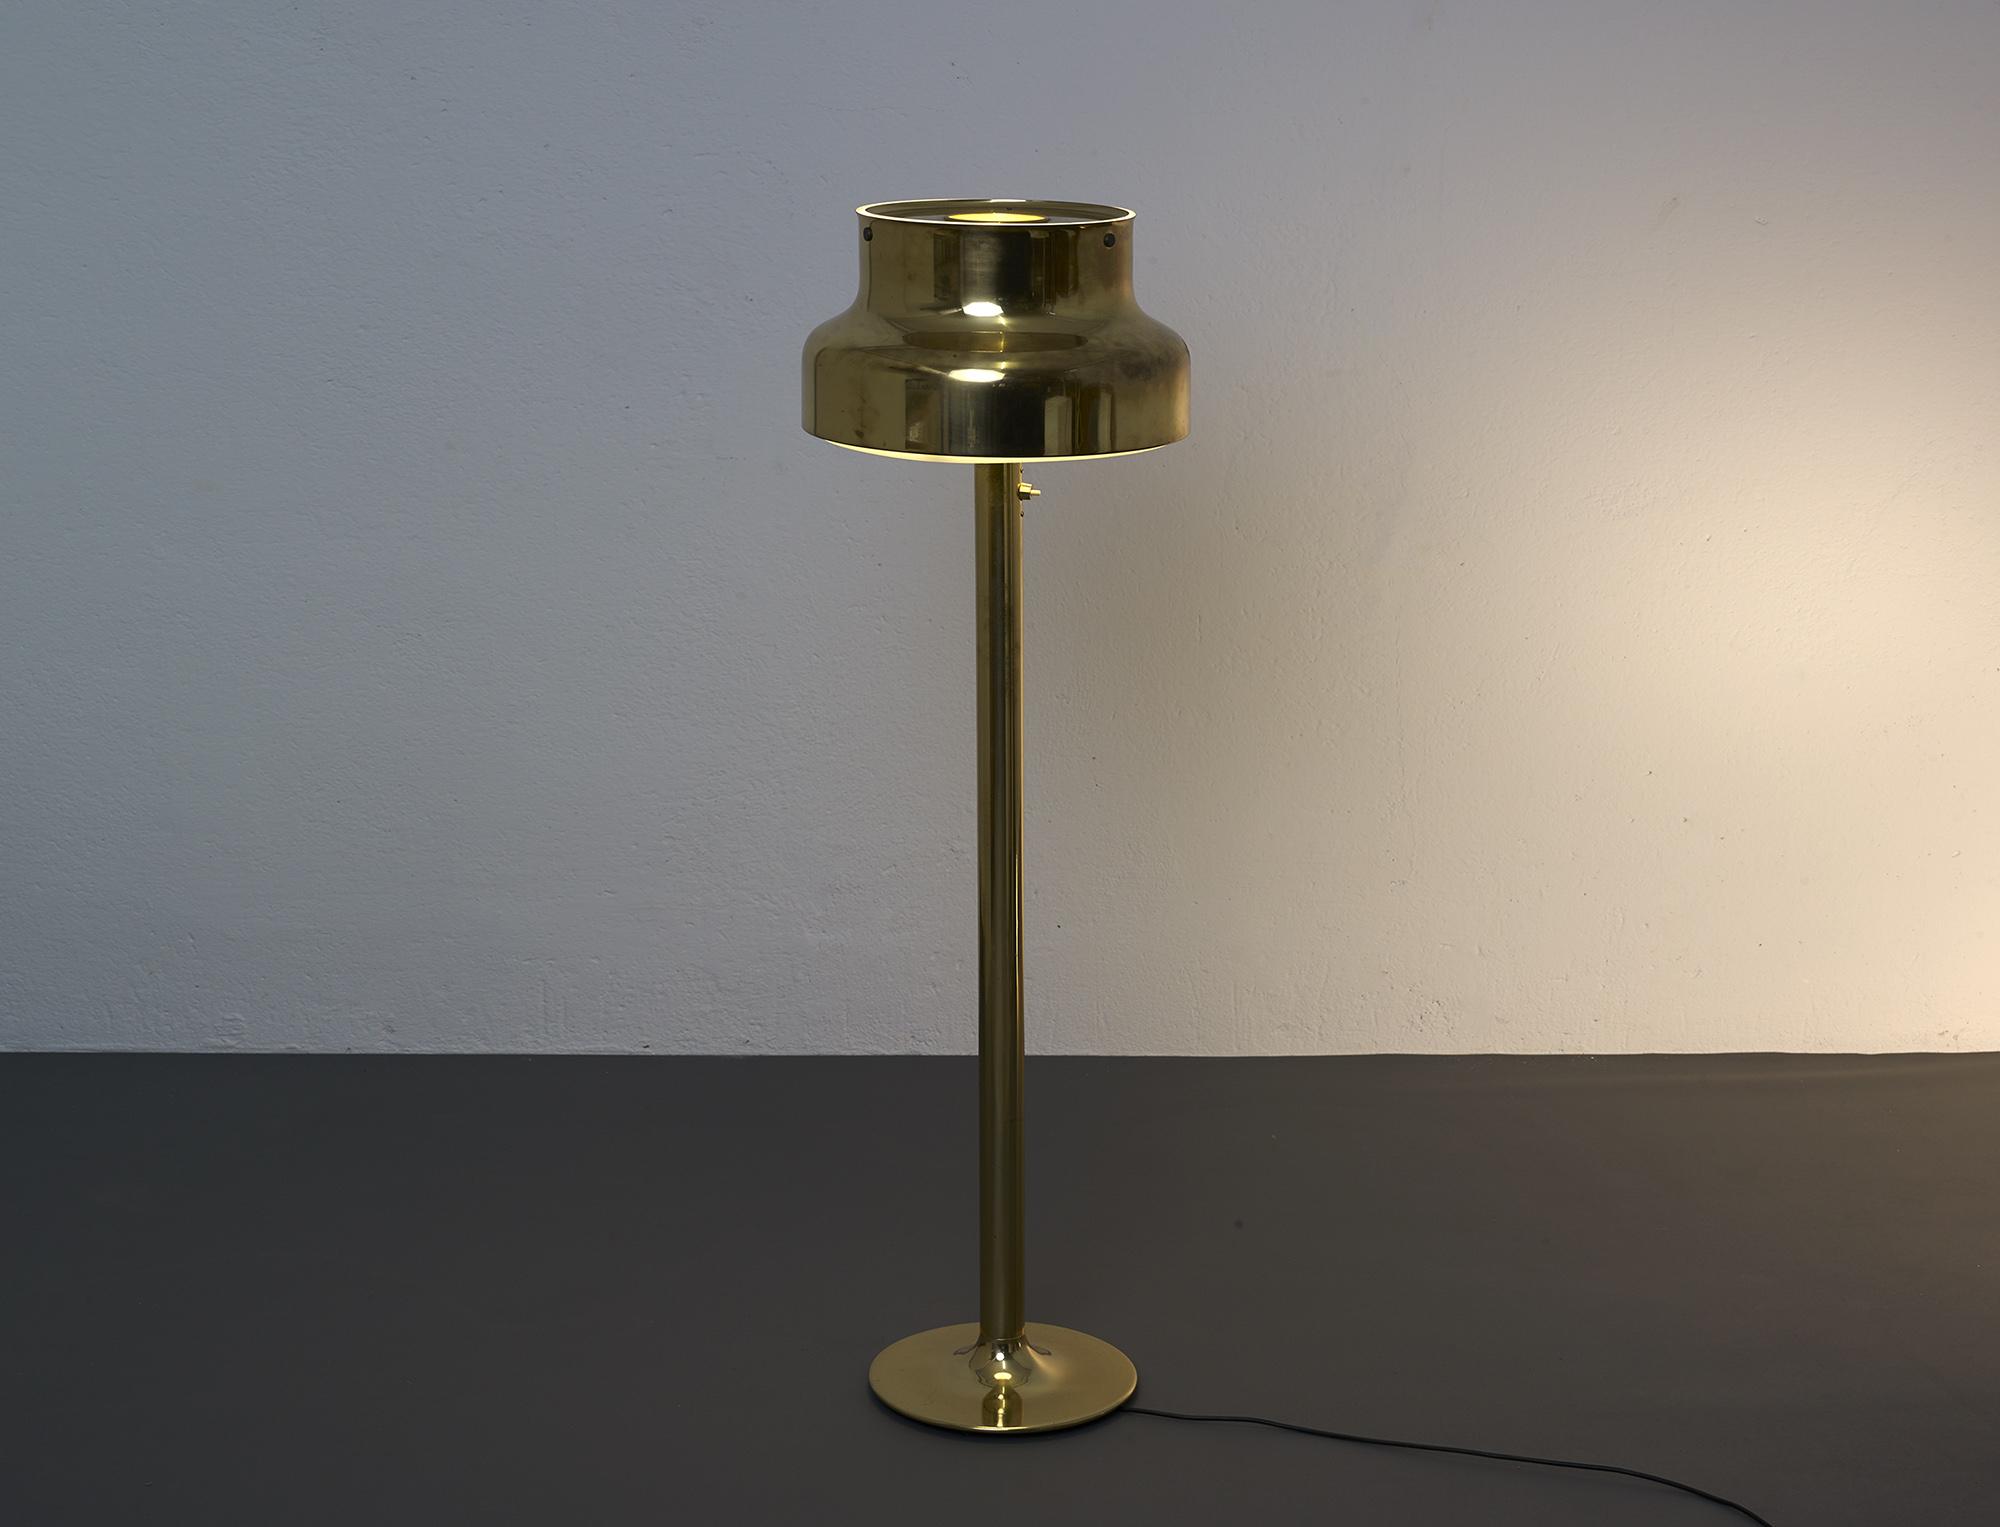 lampe-de-sol-bumling-en-laiton-de-anders-pehrson-1968-image-03